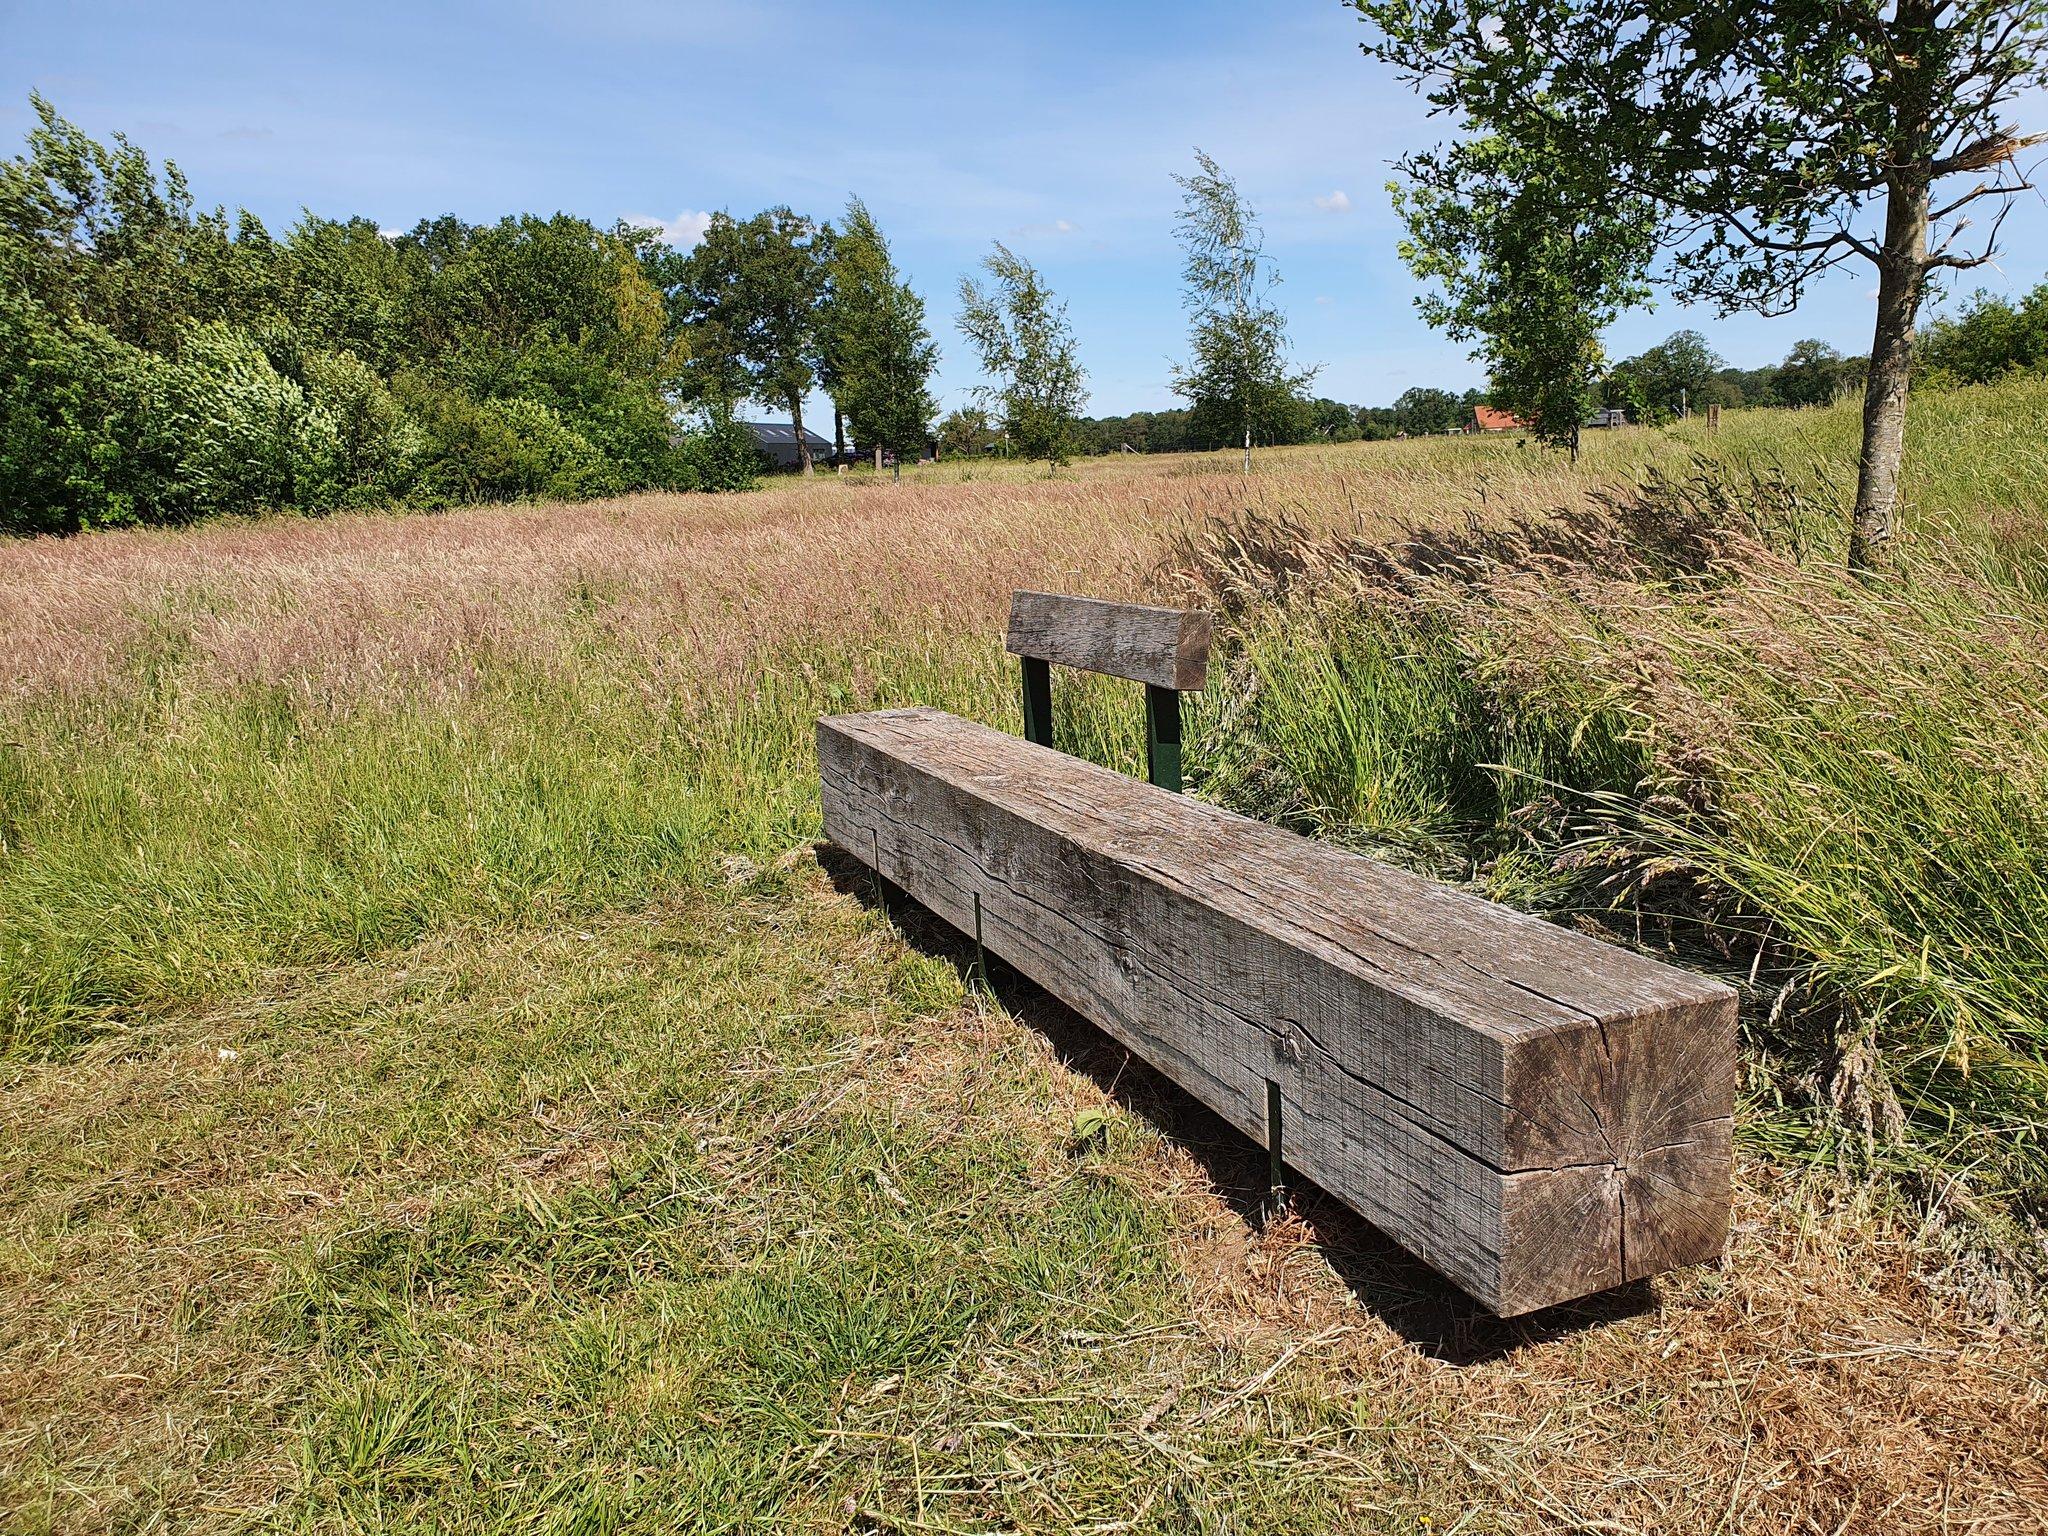 rt-simmajalis-picknick-bank-wandeling-bij-hertme-molenven-deze-bank-is-wel-van-stoere-dikke-boom-gemaakt-%f0%9f%98%89-wandelbankjes-https-t-co